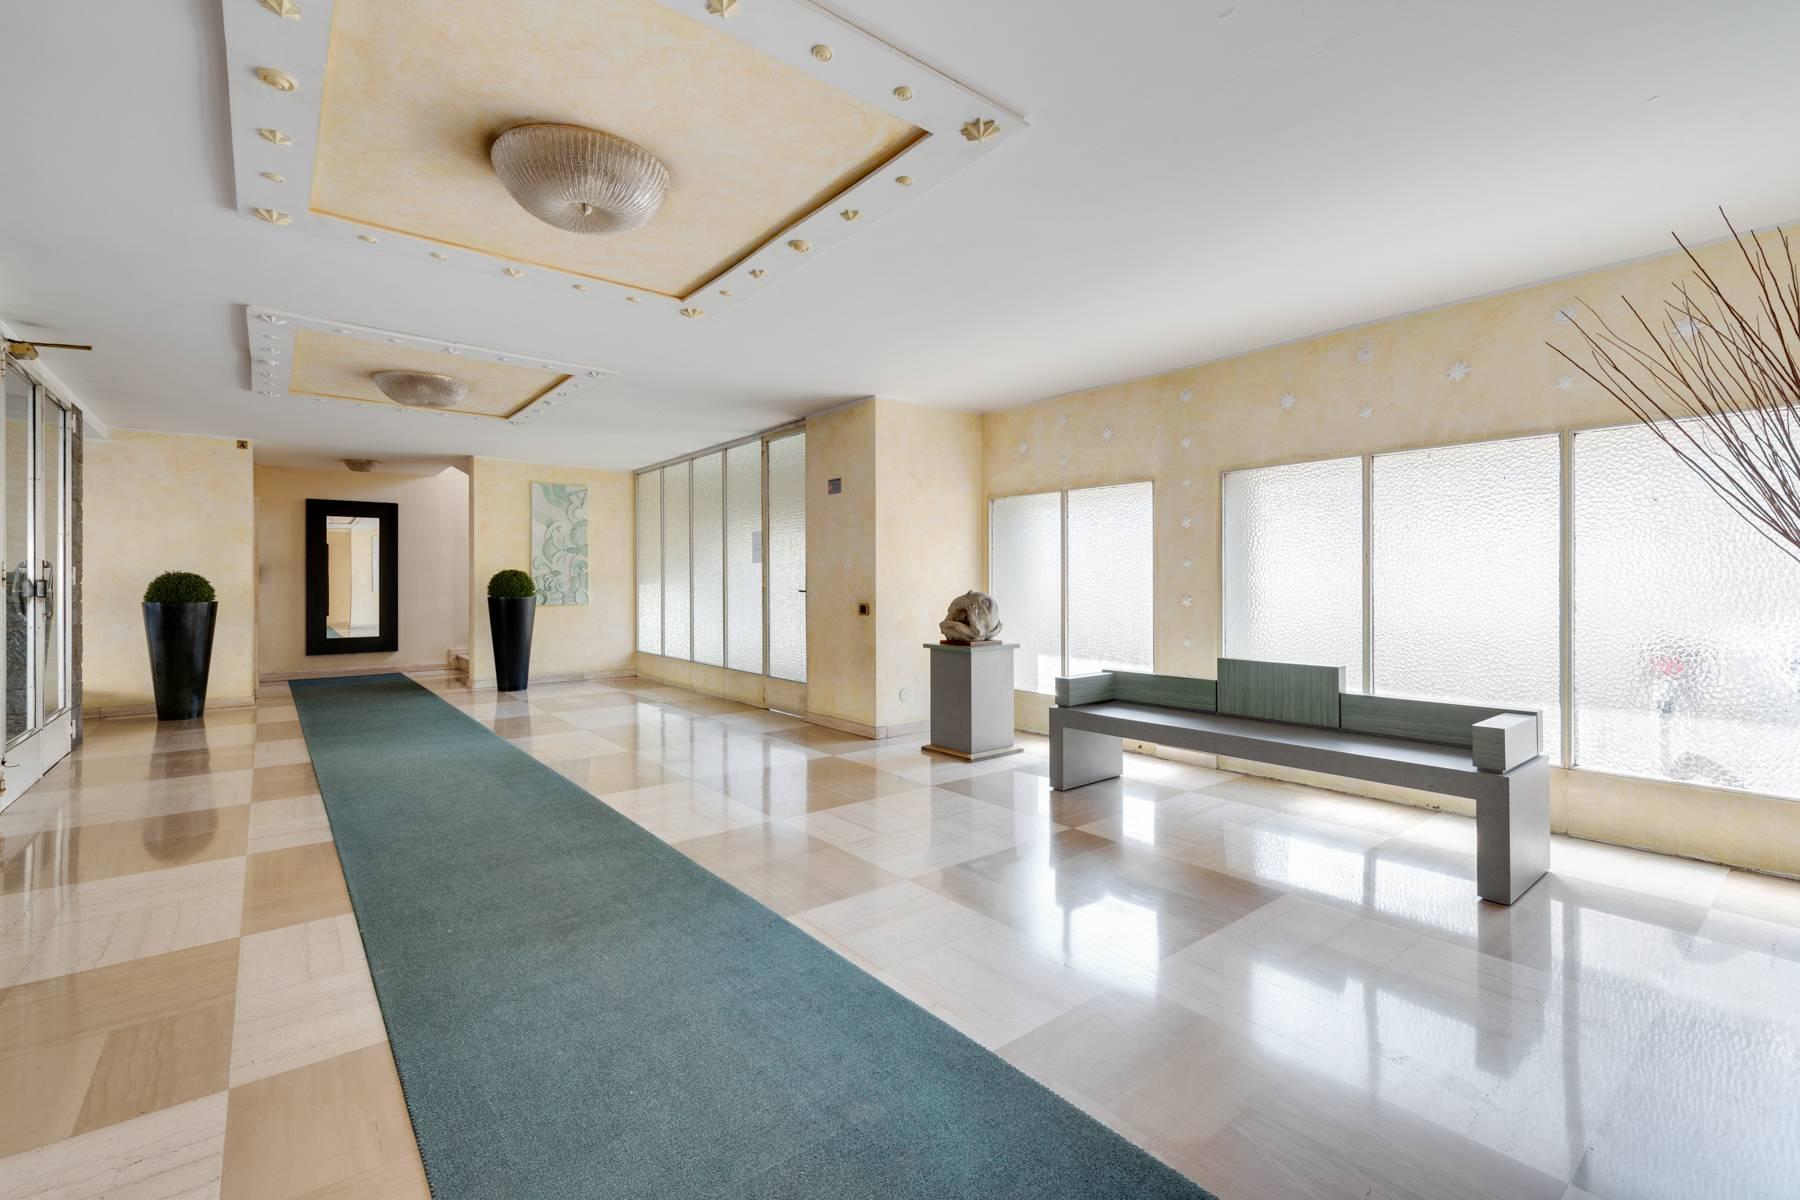 Appartamento in Vendita a Torino: 4 locali, 124 mq - Foto 21